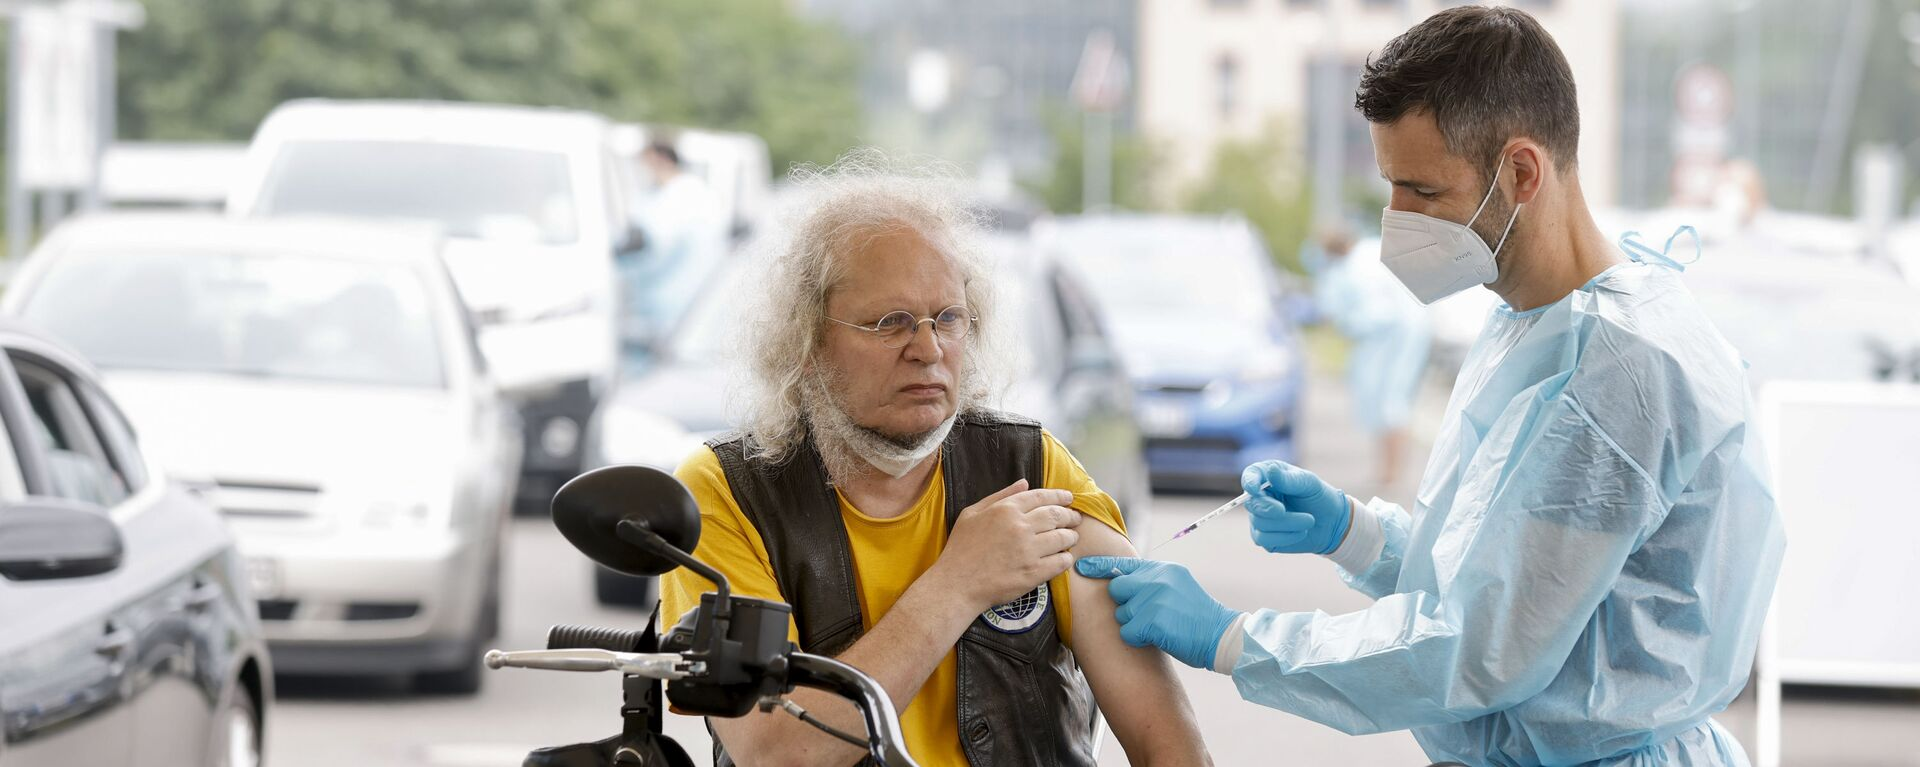 Медицинский работник применяет дозу вакцины против коронавируса в центре вакцинации для автомобилей в Берлине - Sputnik Česká republika, 1920, 27.08.2021